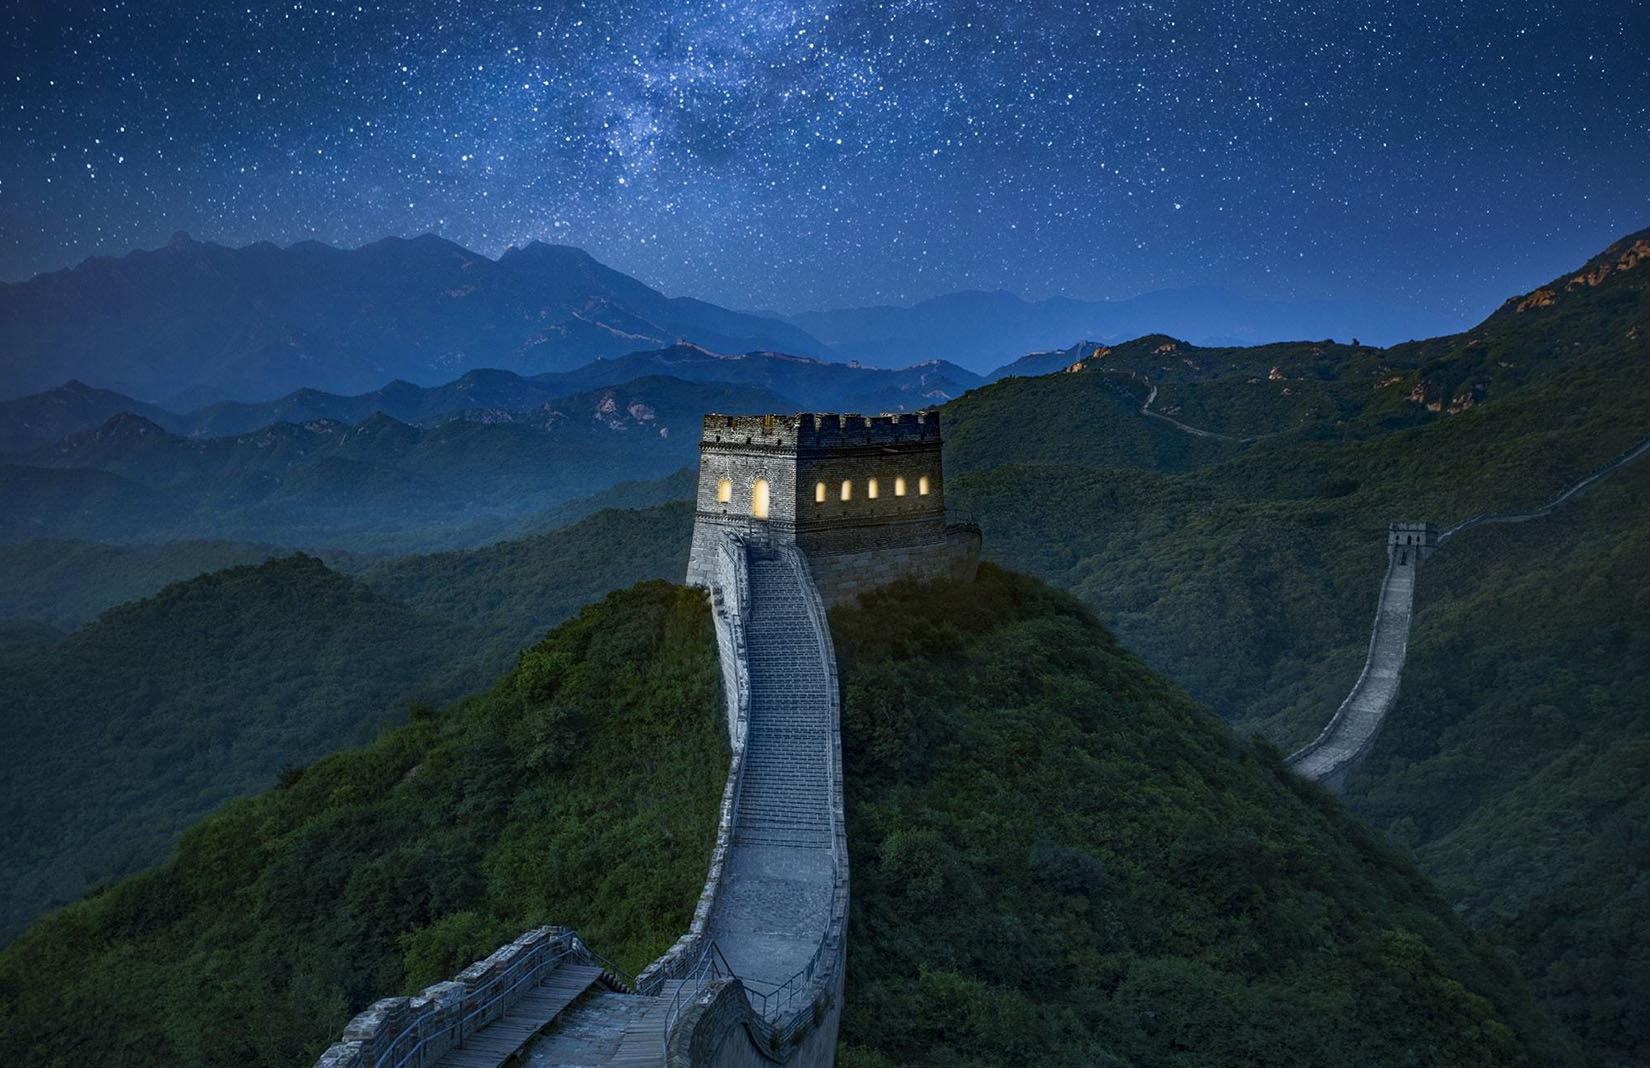 Το AirBnb Κίνας προσφέρει διανυκτέρευση στο Σινικό Τείχος (σε κρεβατοκάμαρα με θέα